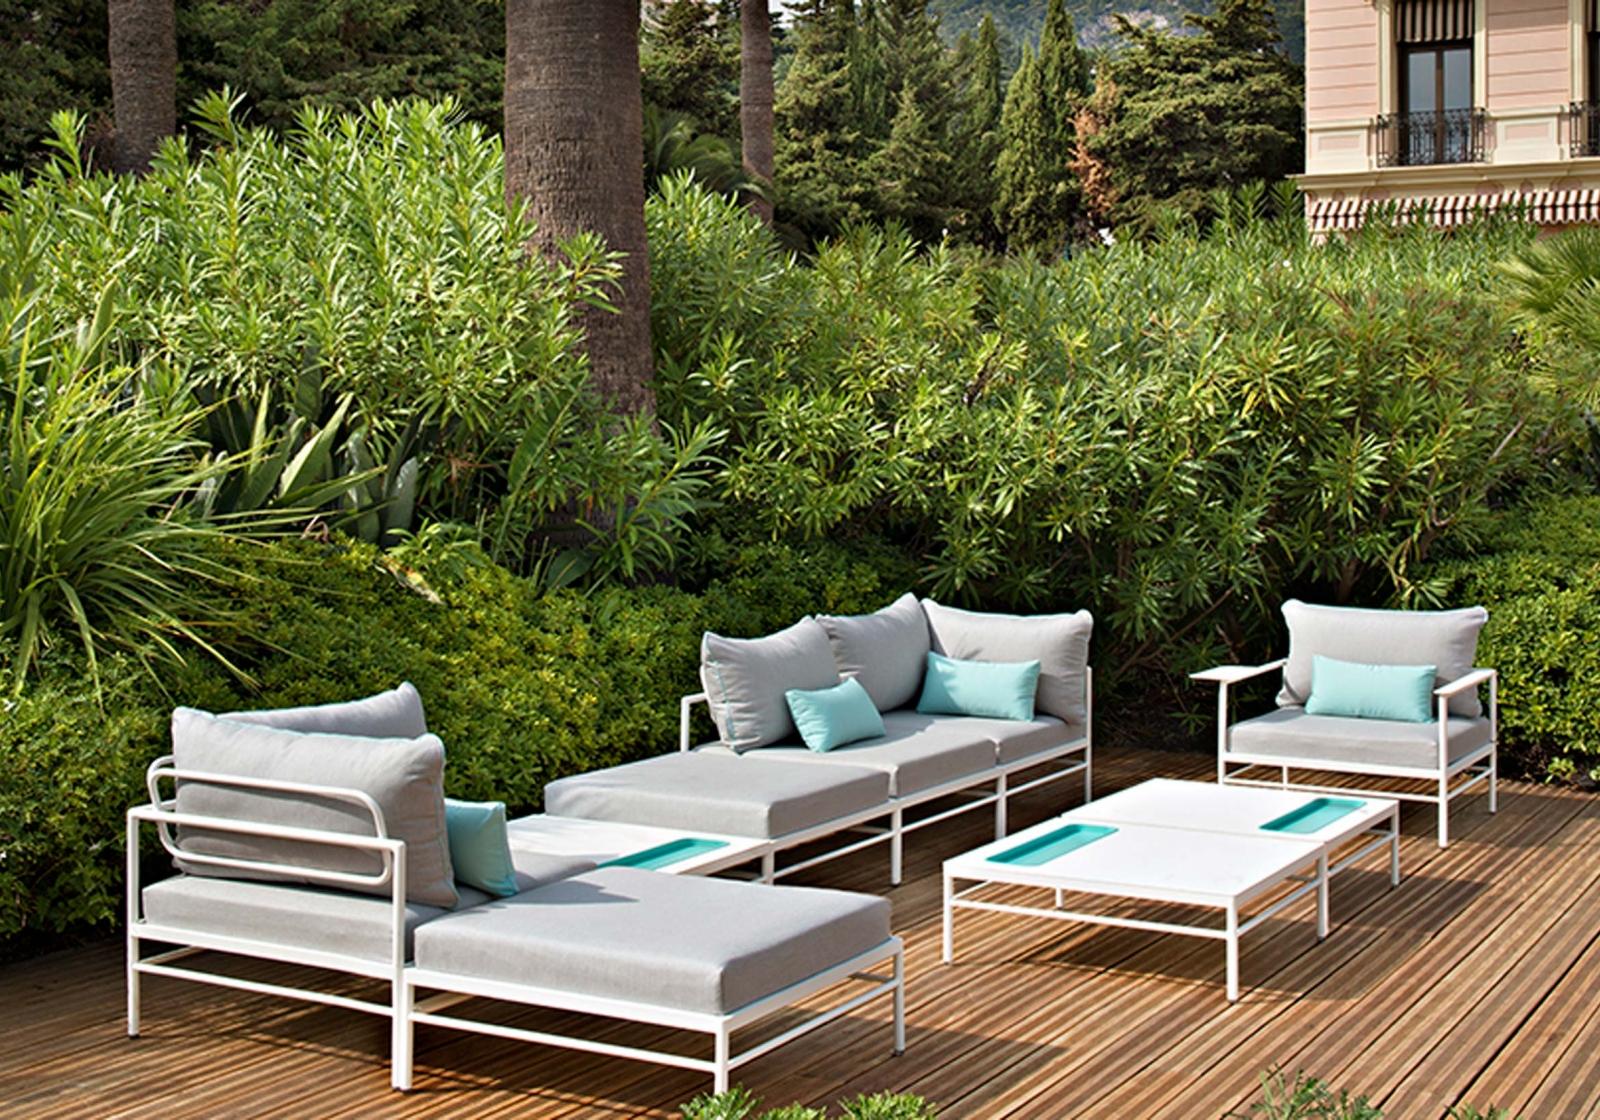 magasin de d coration pas cher lyon magasin de meubles. Black Bedroom Furniture Sets. Home Design Ideas